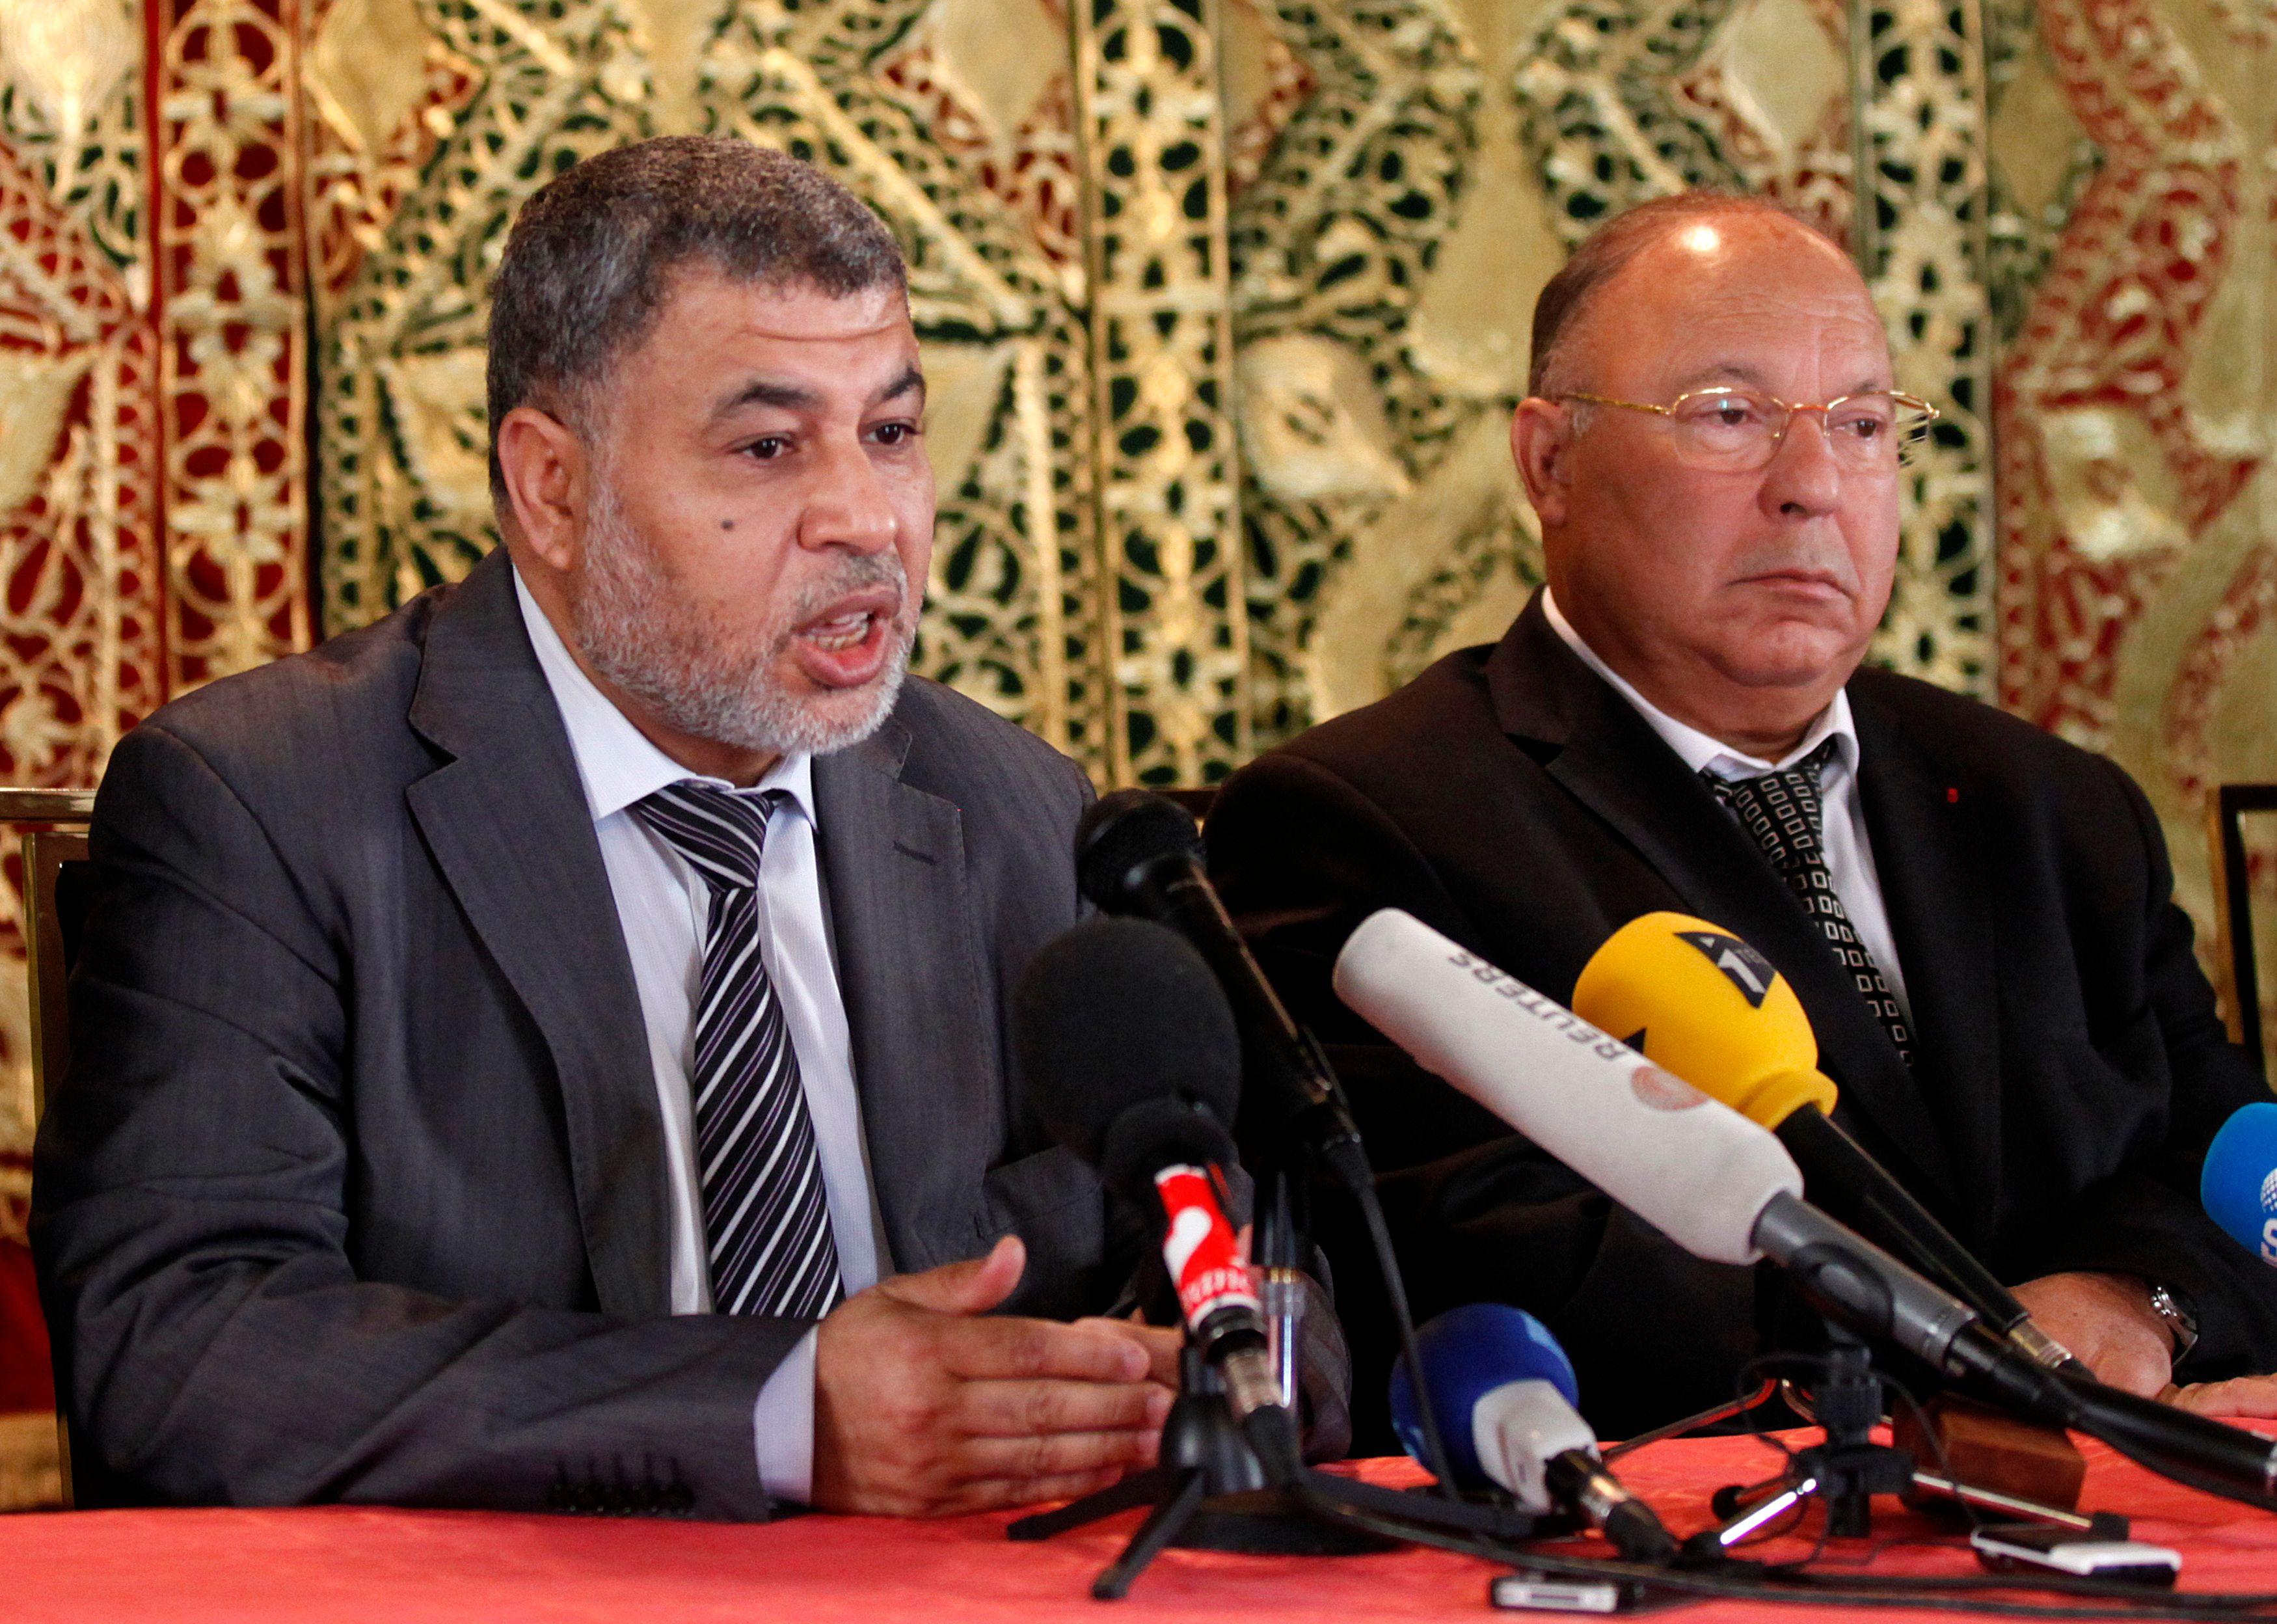 Dalil Boubakeur, recteur de la Grande Mosquée de Paris et Ahmed Jaballah, président de l'Union des organisations islamiques de France